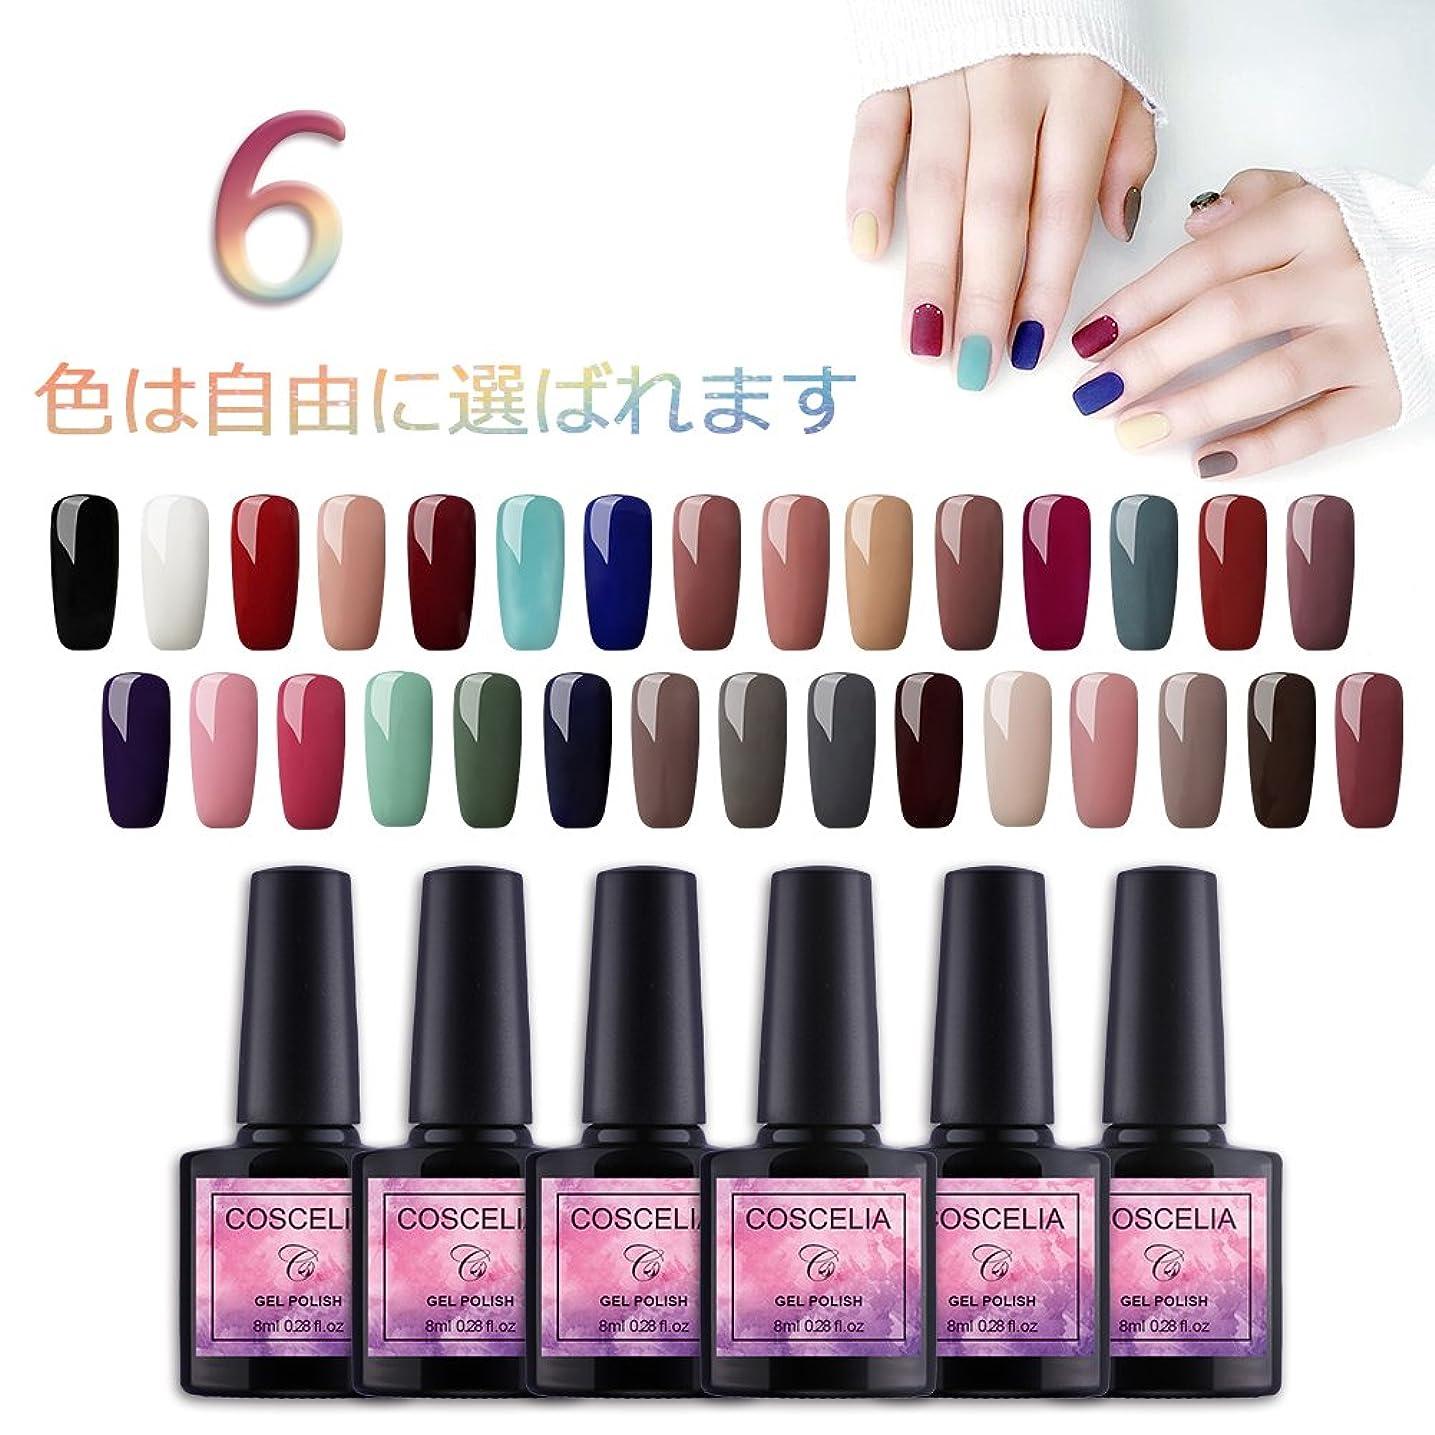 反発頼る顎Twinkle Store カラージェル 6色套装 8 ml ジェルネイルカラー UV/LED 适用 ネイルアートジェルで簡単に DIY 6色を自由に選ぶことができる